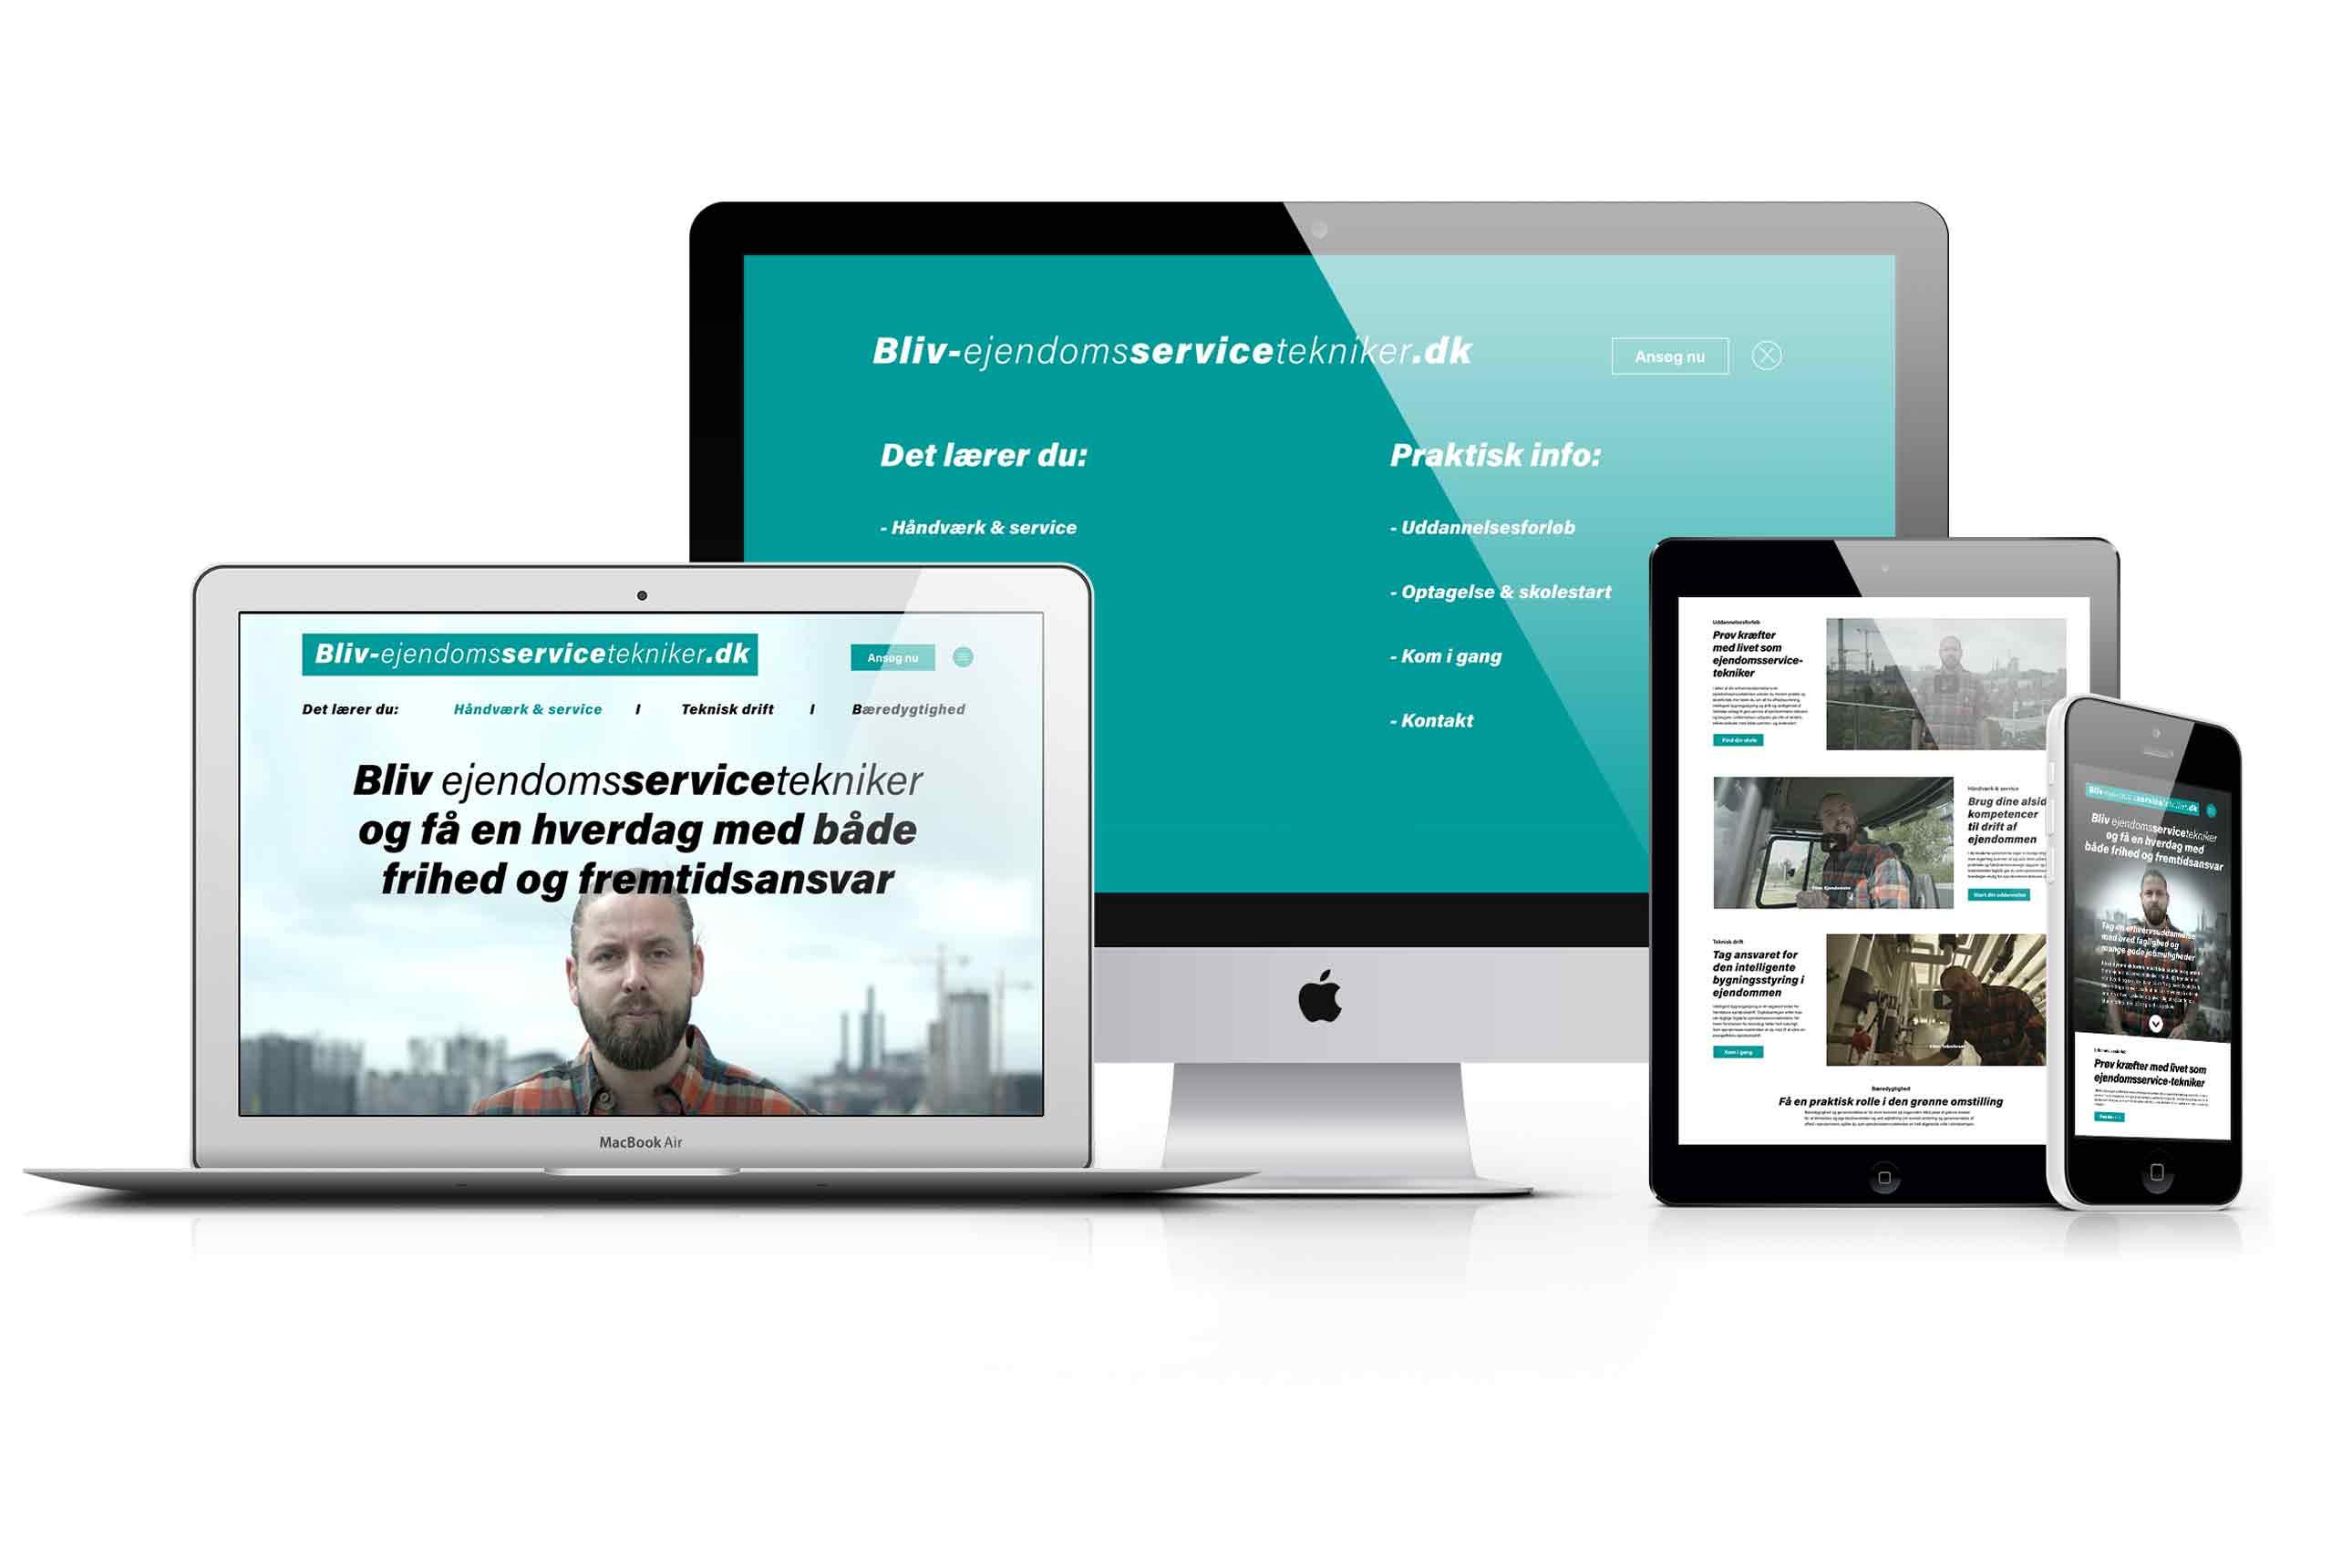 Bliv-ejendomsservicetekniker.dk website i responsivt design.